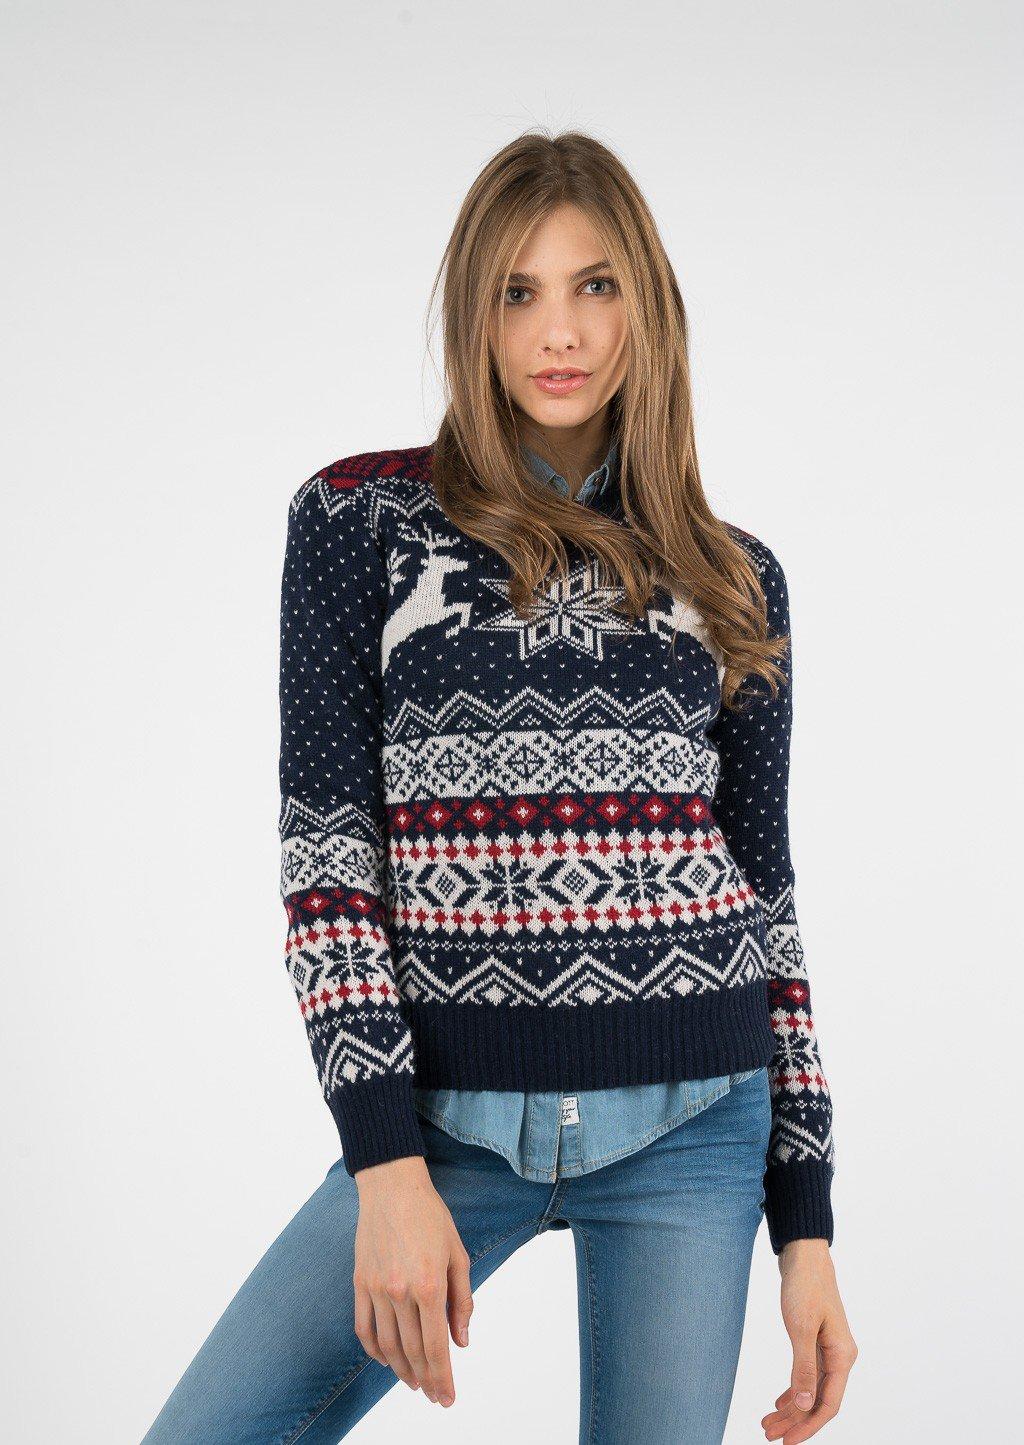 rivenditore all'ingrosso 52683 a9488 Maglioni natalizi, le proposte più fashion per le feste ...